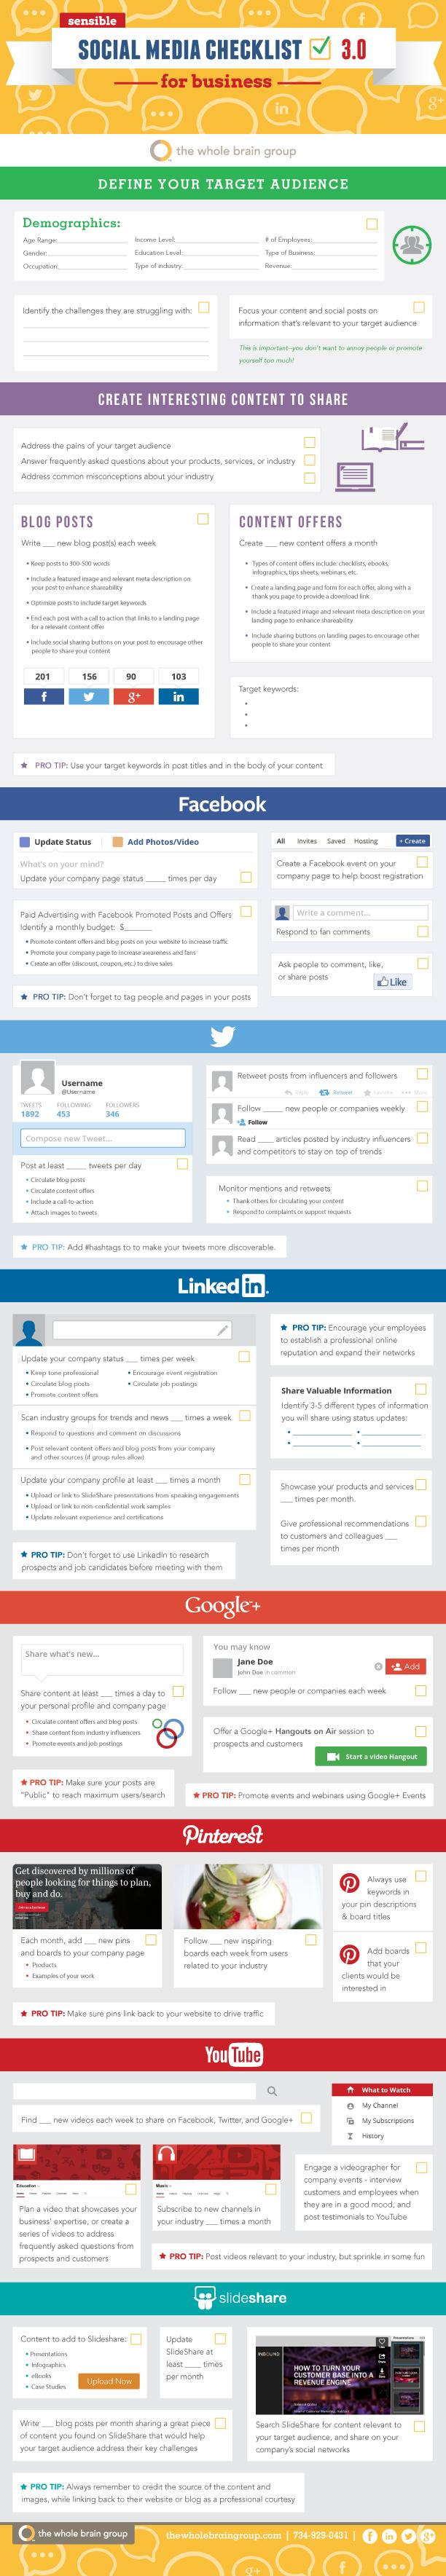 Social Media Marketing Checklist v3.0